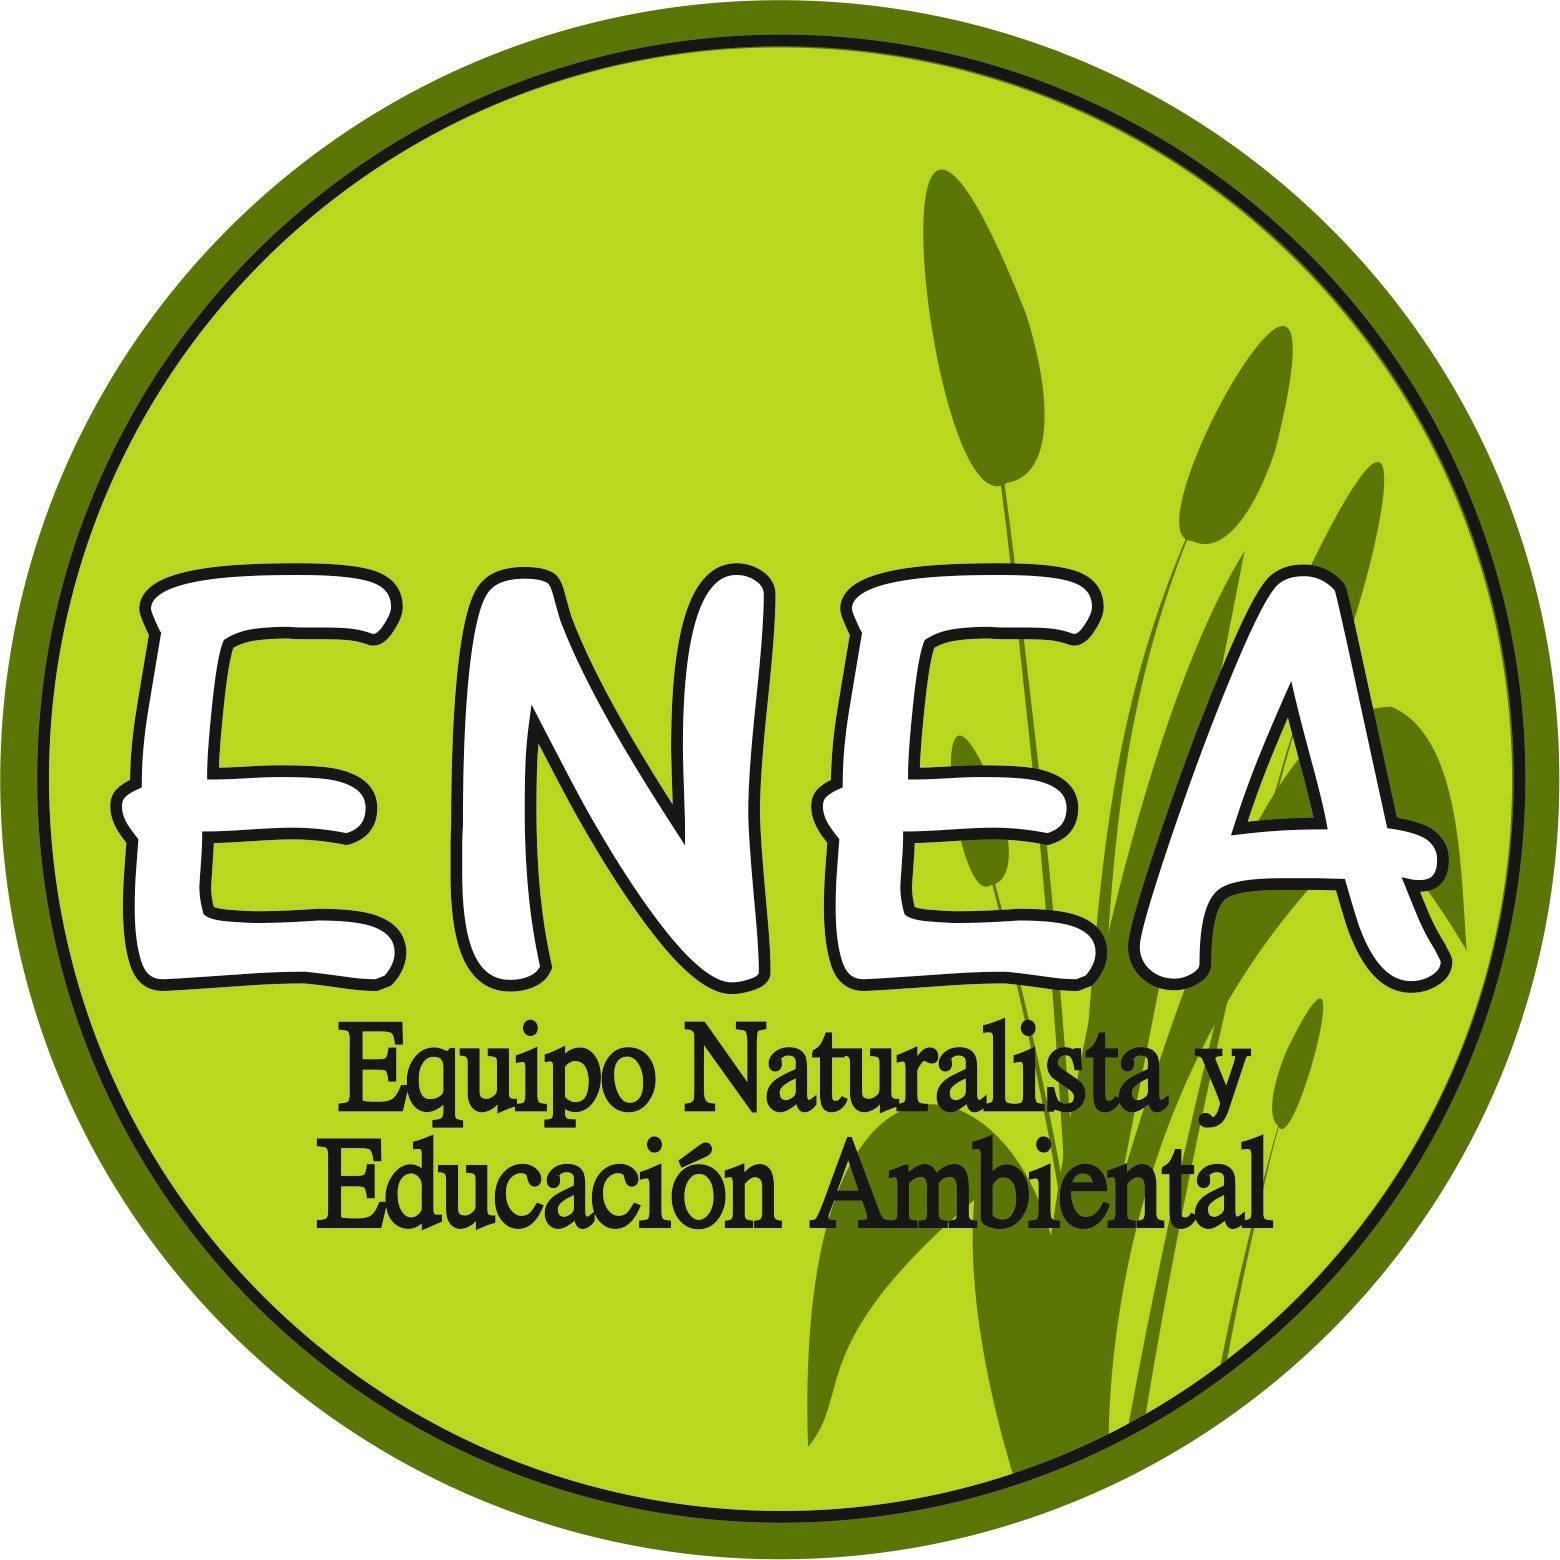 EQUIPO NATURALISTA Y EDUCACION AMBIENTAL